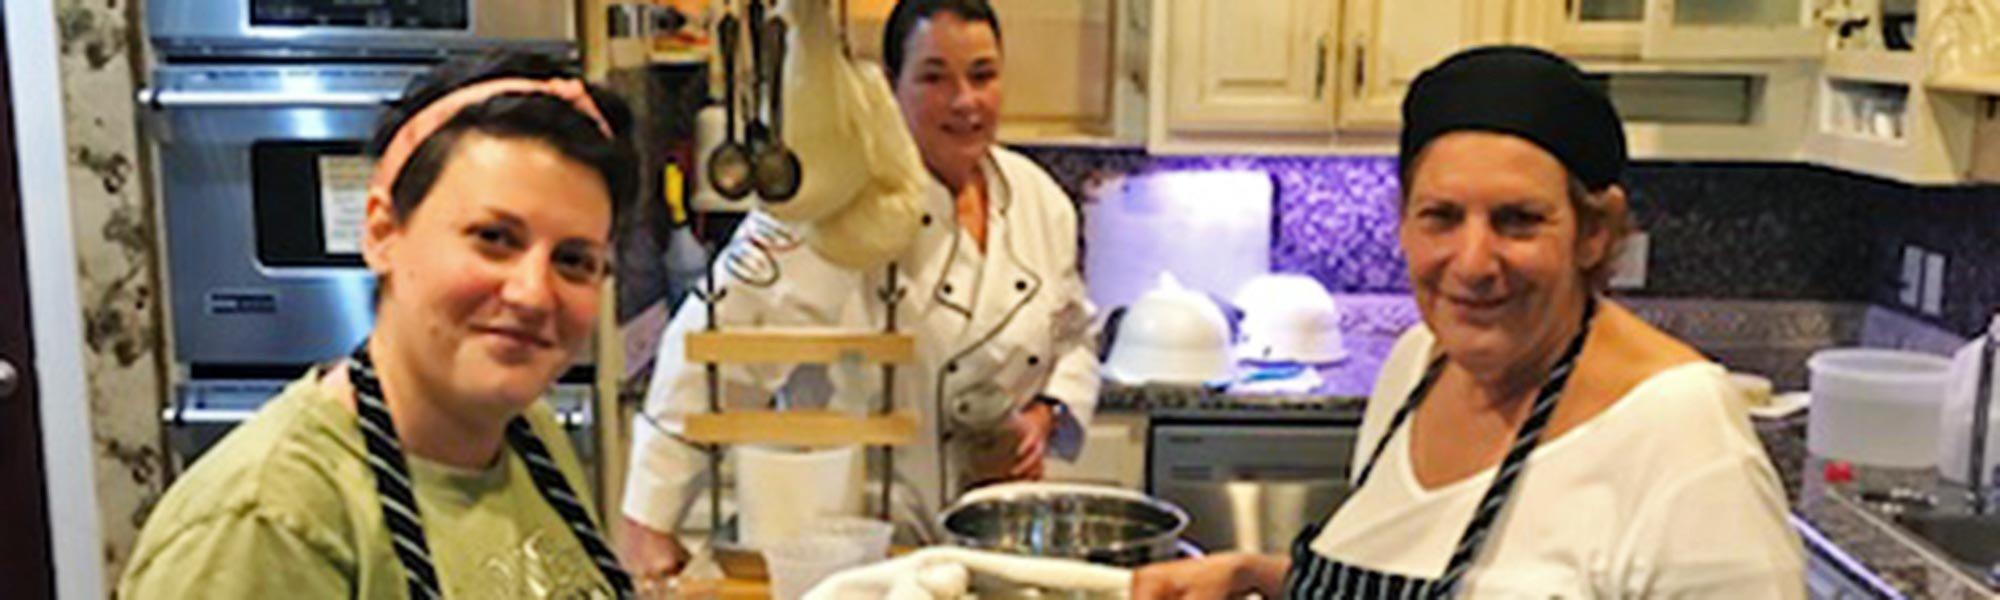 Three Women Making cheese